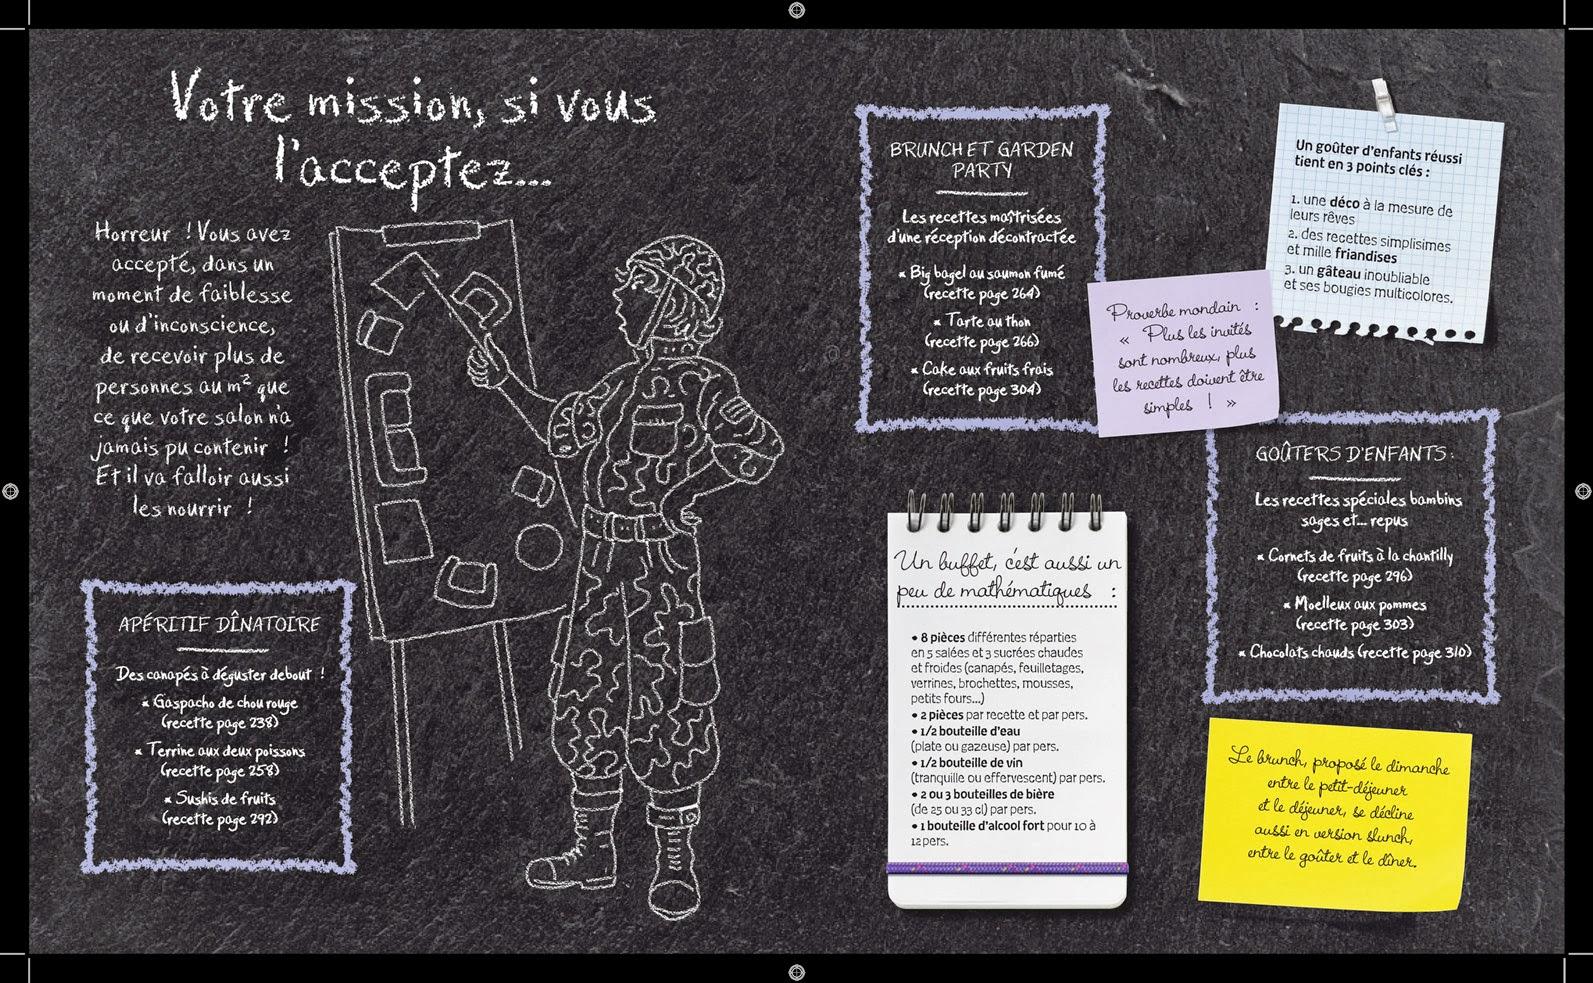 """""""1001 idées pour cuisiner sans se ruiner"""" & """"1001 idées pour inviter sans  stresser"""", Larousse"""